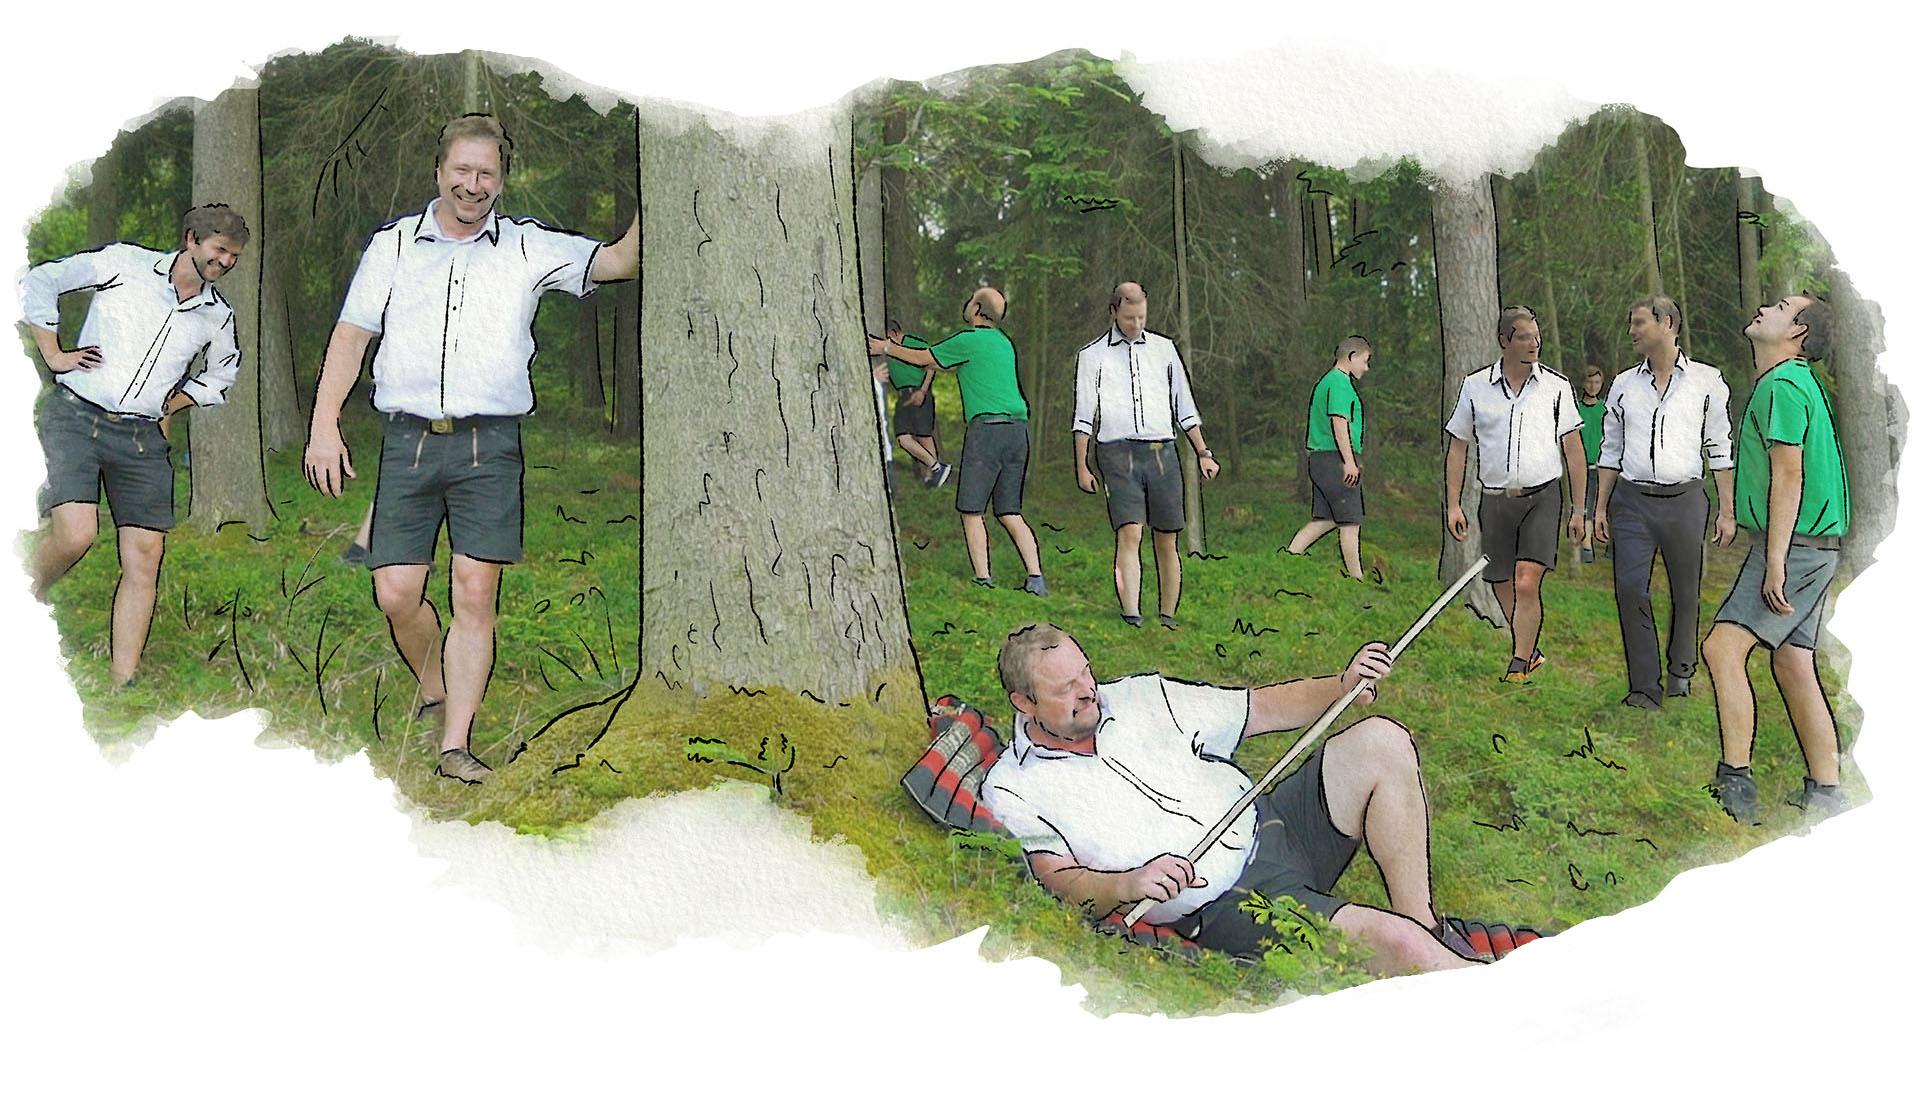 Mitarbeiter der Zimmerei Brunthaler gehen im Wald umher und unterhalten sich